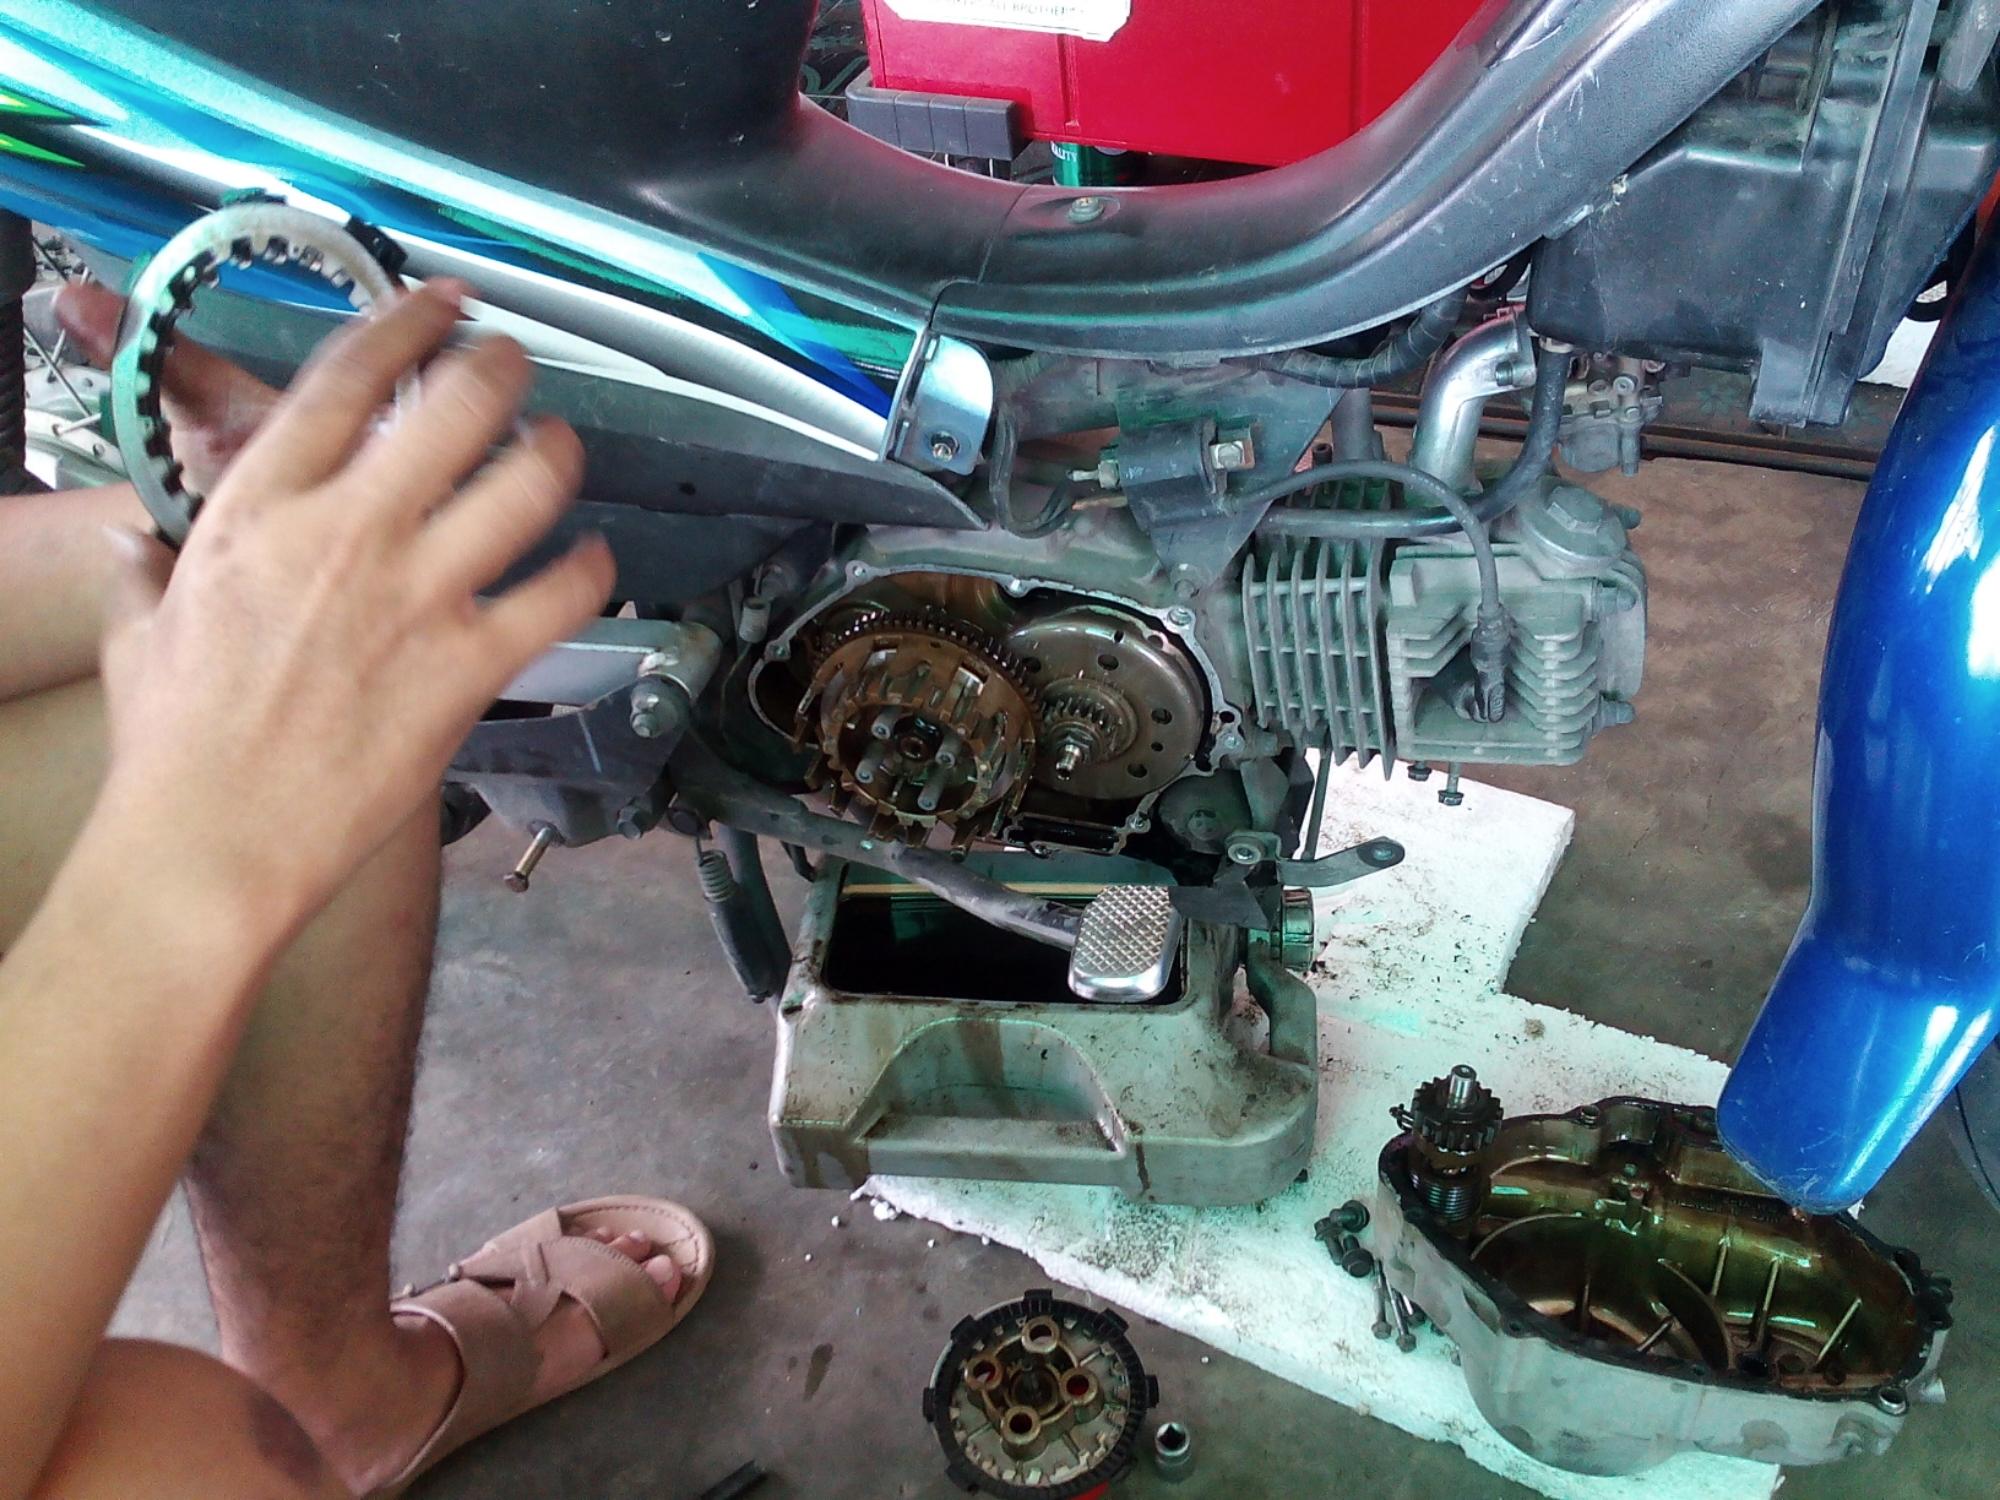 Sediakan wadah / alas dibawah mesin agar saat blok kopling dibuka oli ...